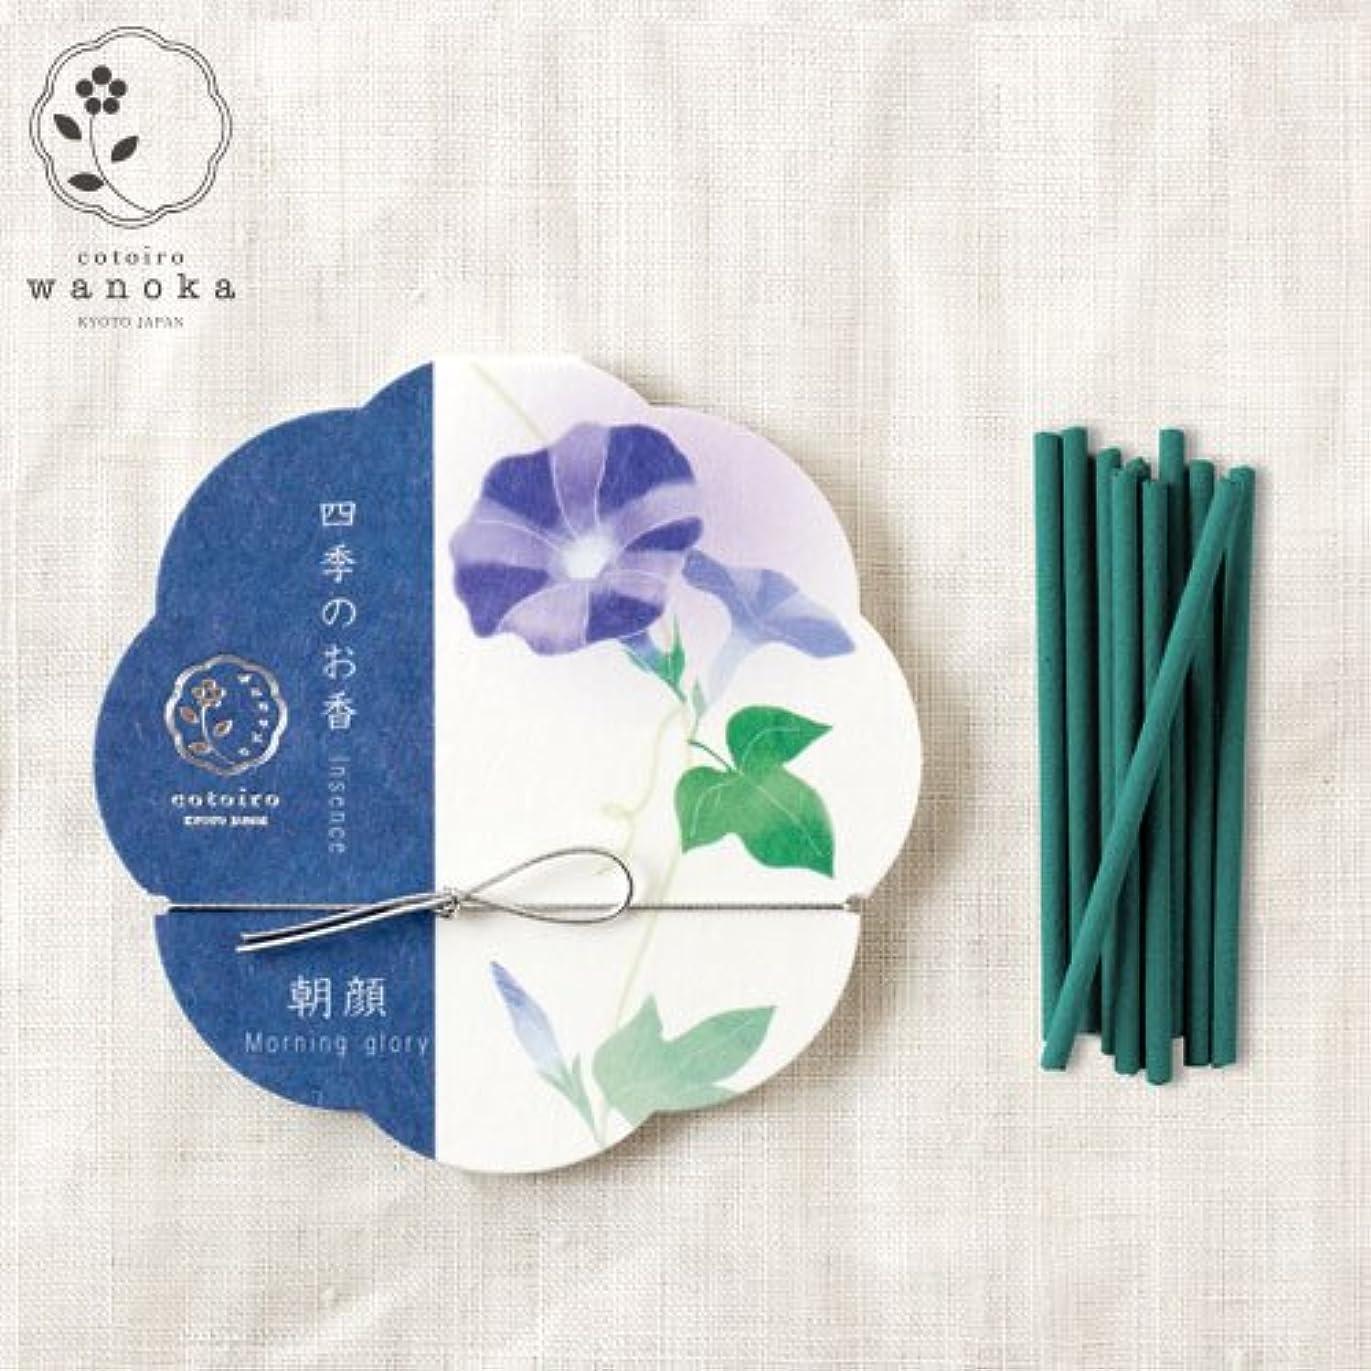 繁栄するリース人道的wanoka四季のお香(インセンス)朝顔《涼しげな朝顔をイメージした香り》ART LABIncense stick